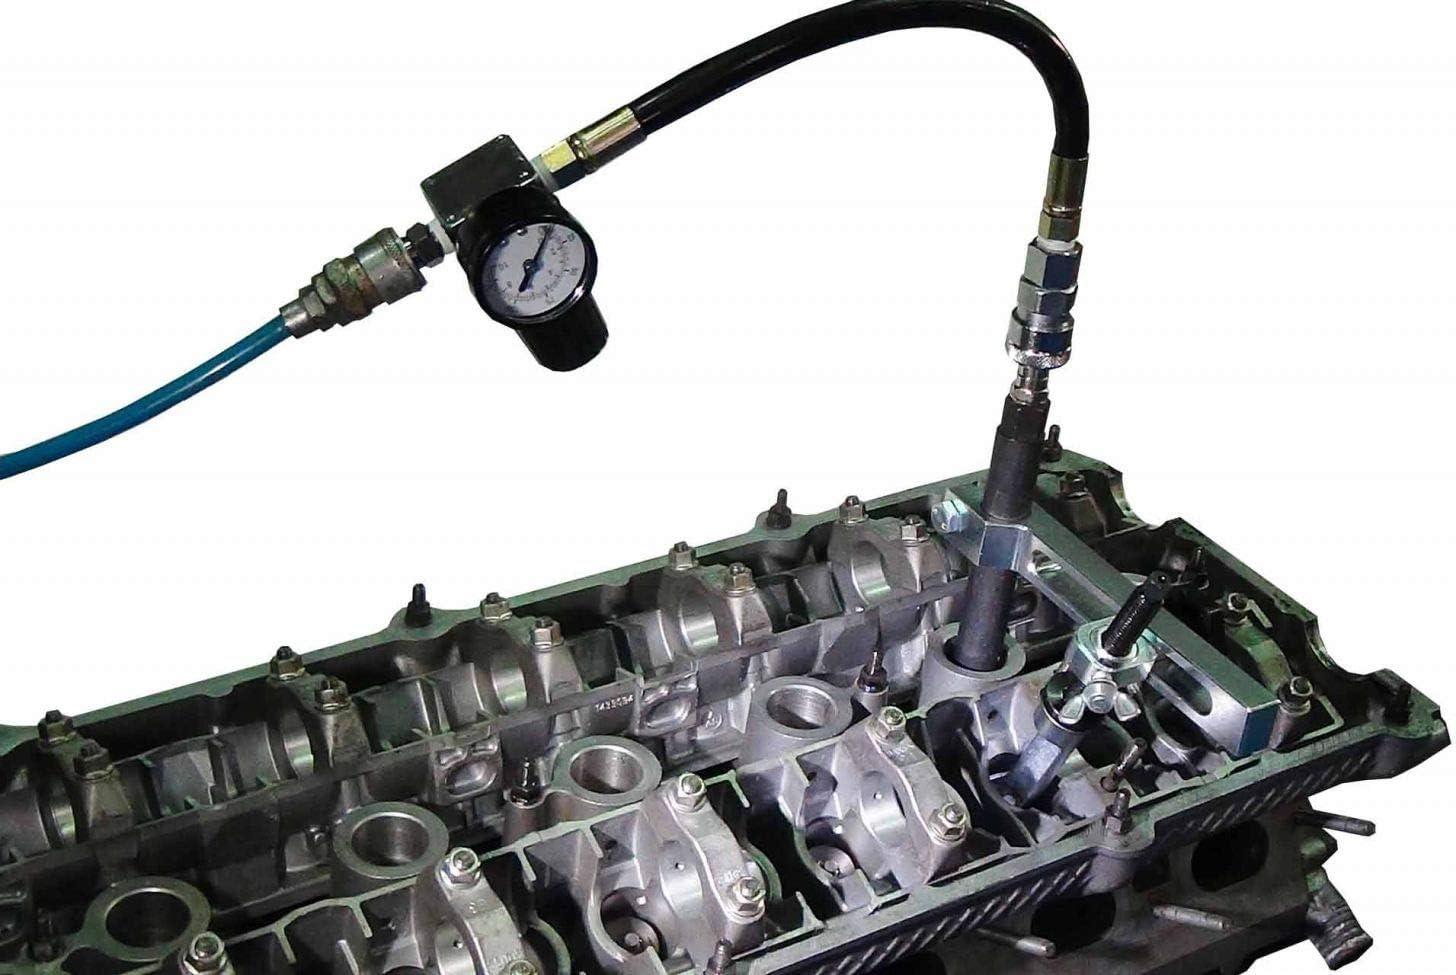 DPTOOL Valve Spring Compressor Engine Cylinder Head Remover Installer for Mercedes BMW